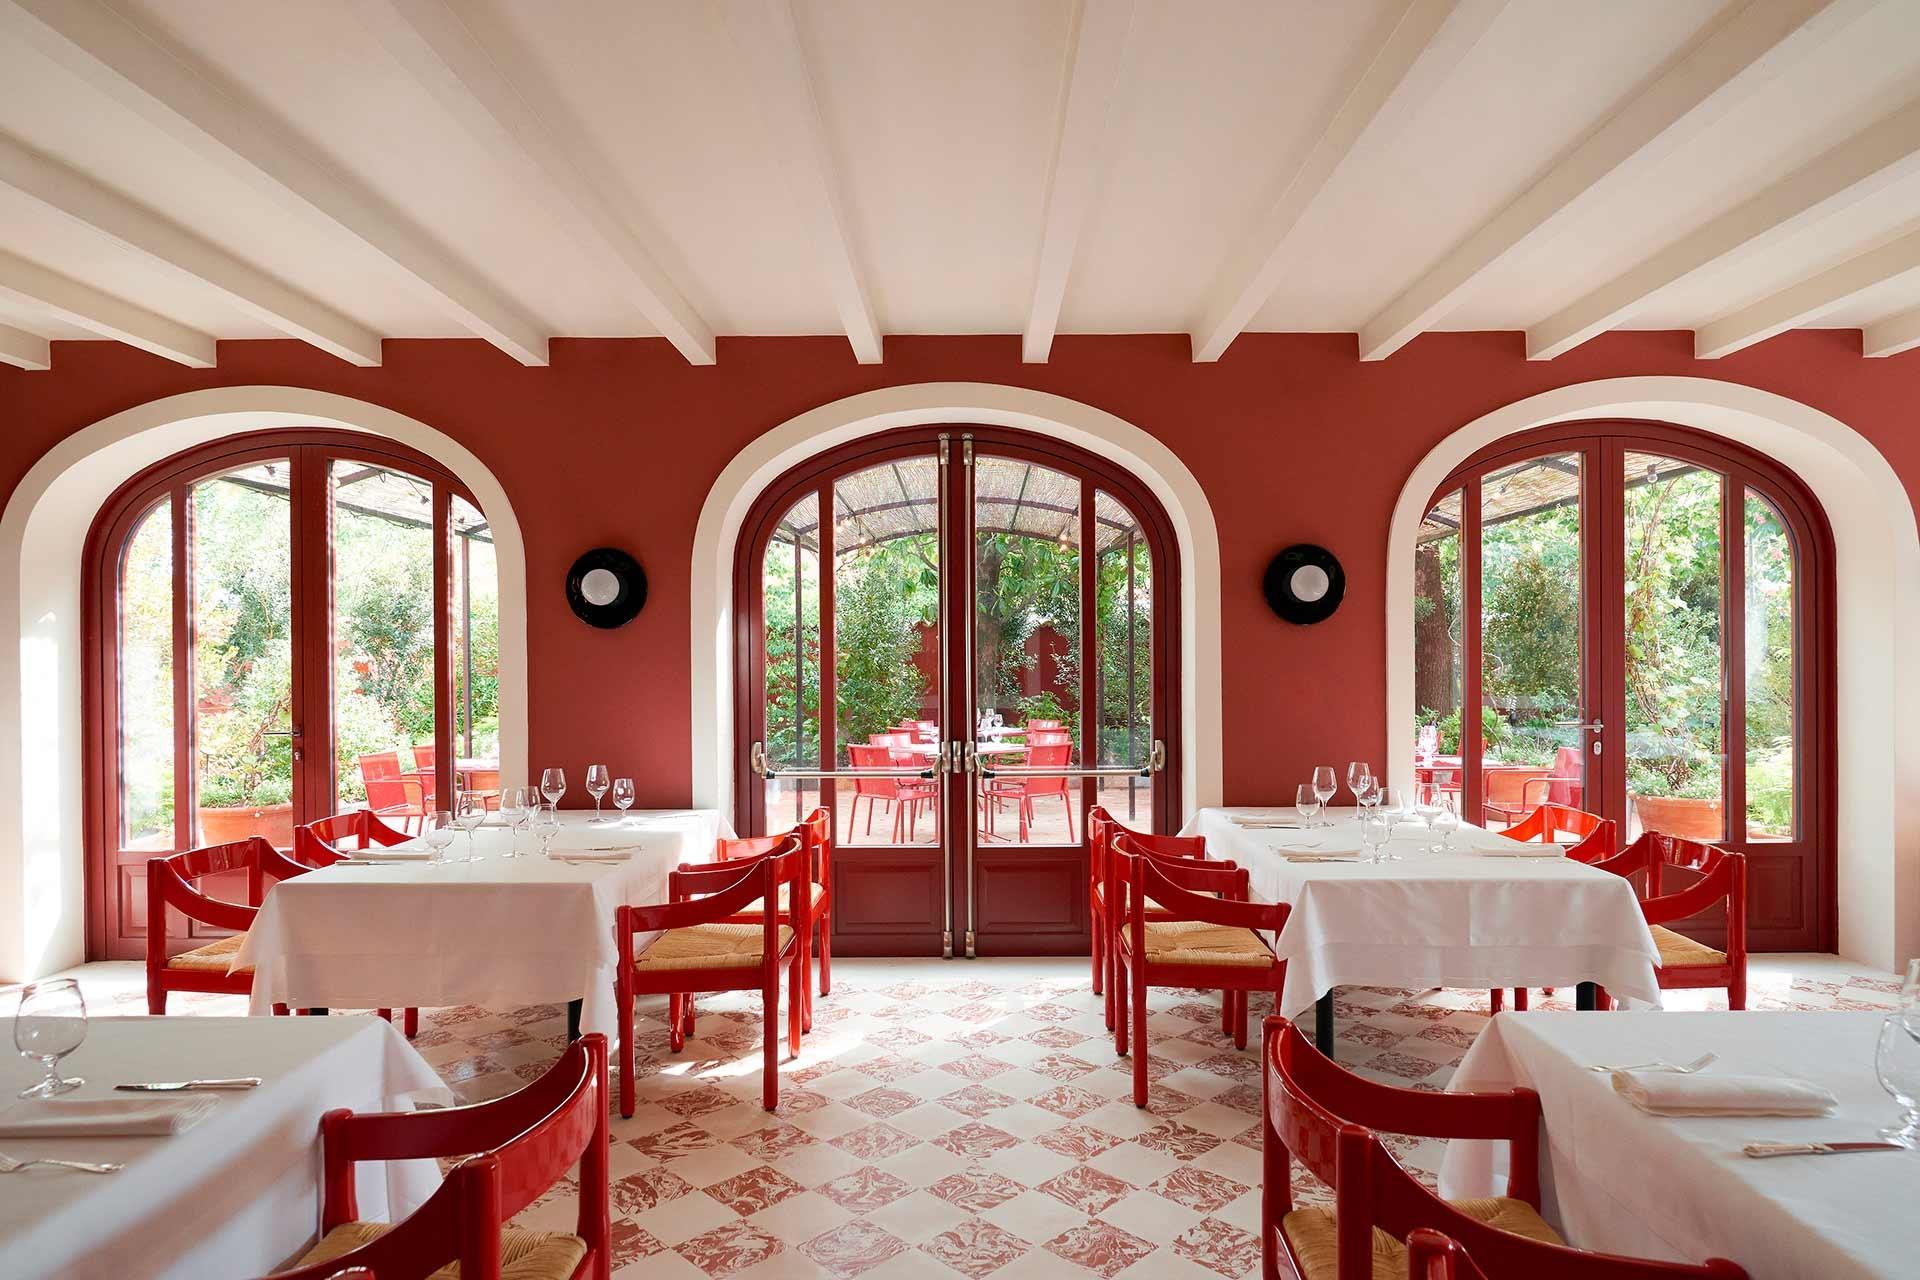 cavallino bottura ferrari massimo restaurant interior ©courtesy of bottura